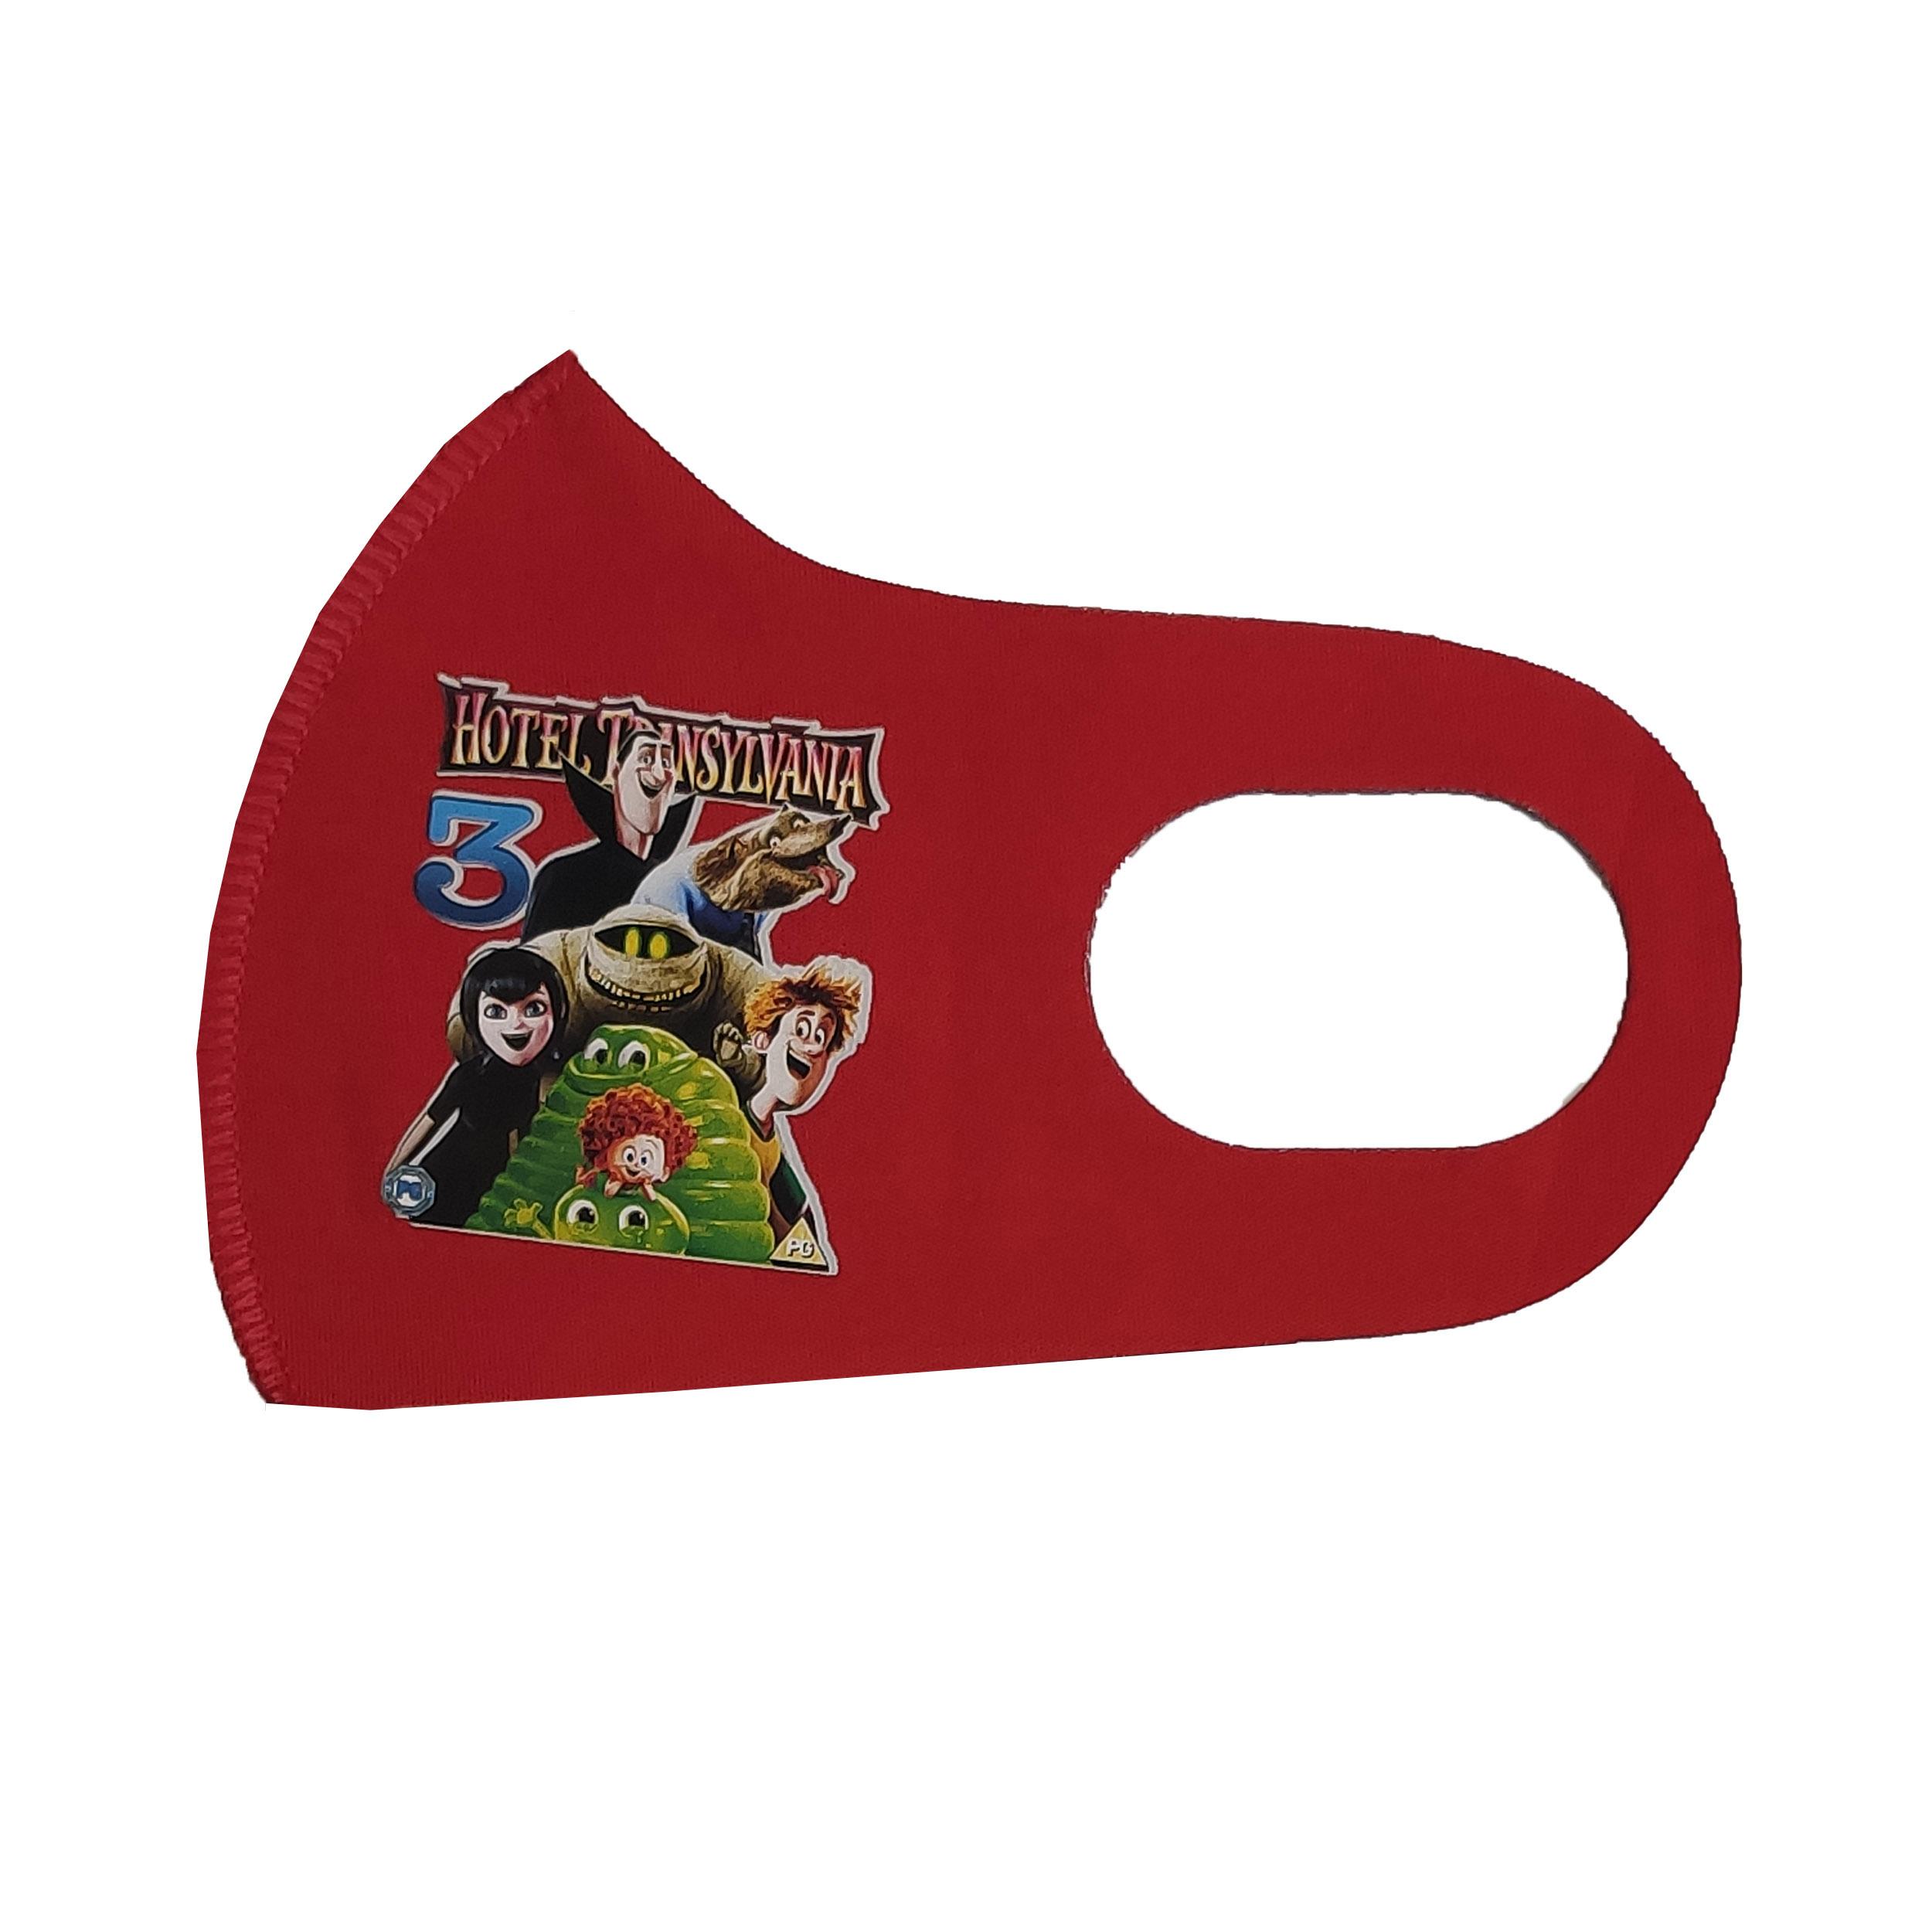 ماسک تزیینی بچگانه طرح HOTEL TRANSYLVANIA کد 30721 رنگ قرمز